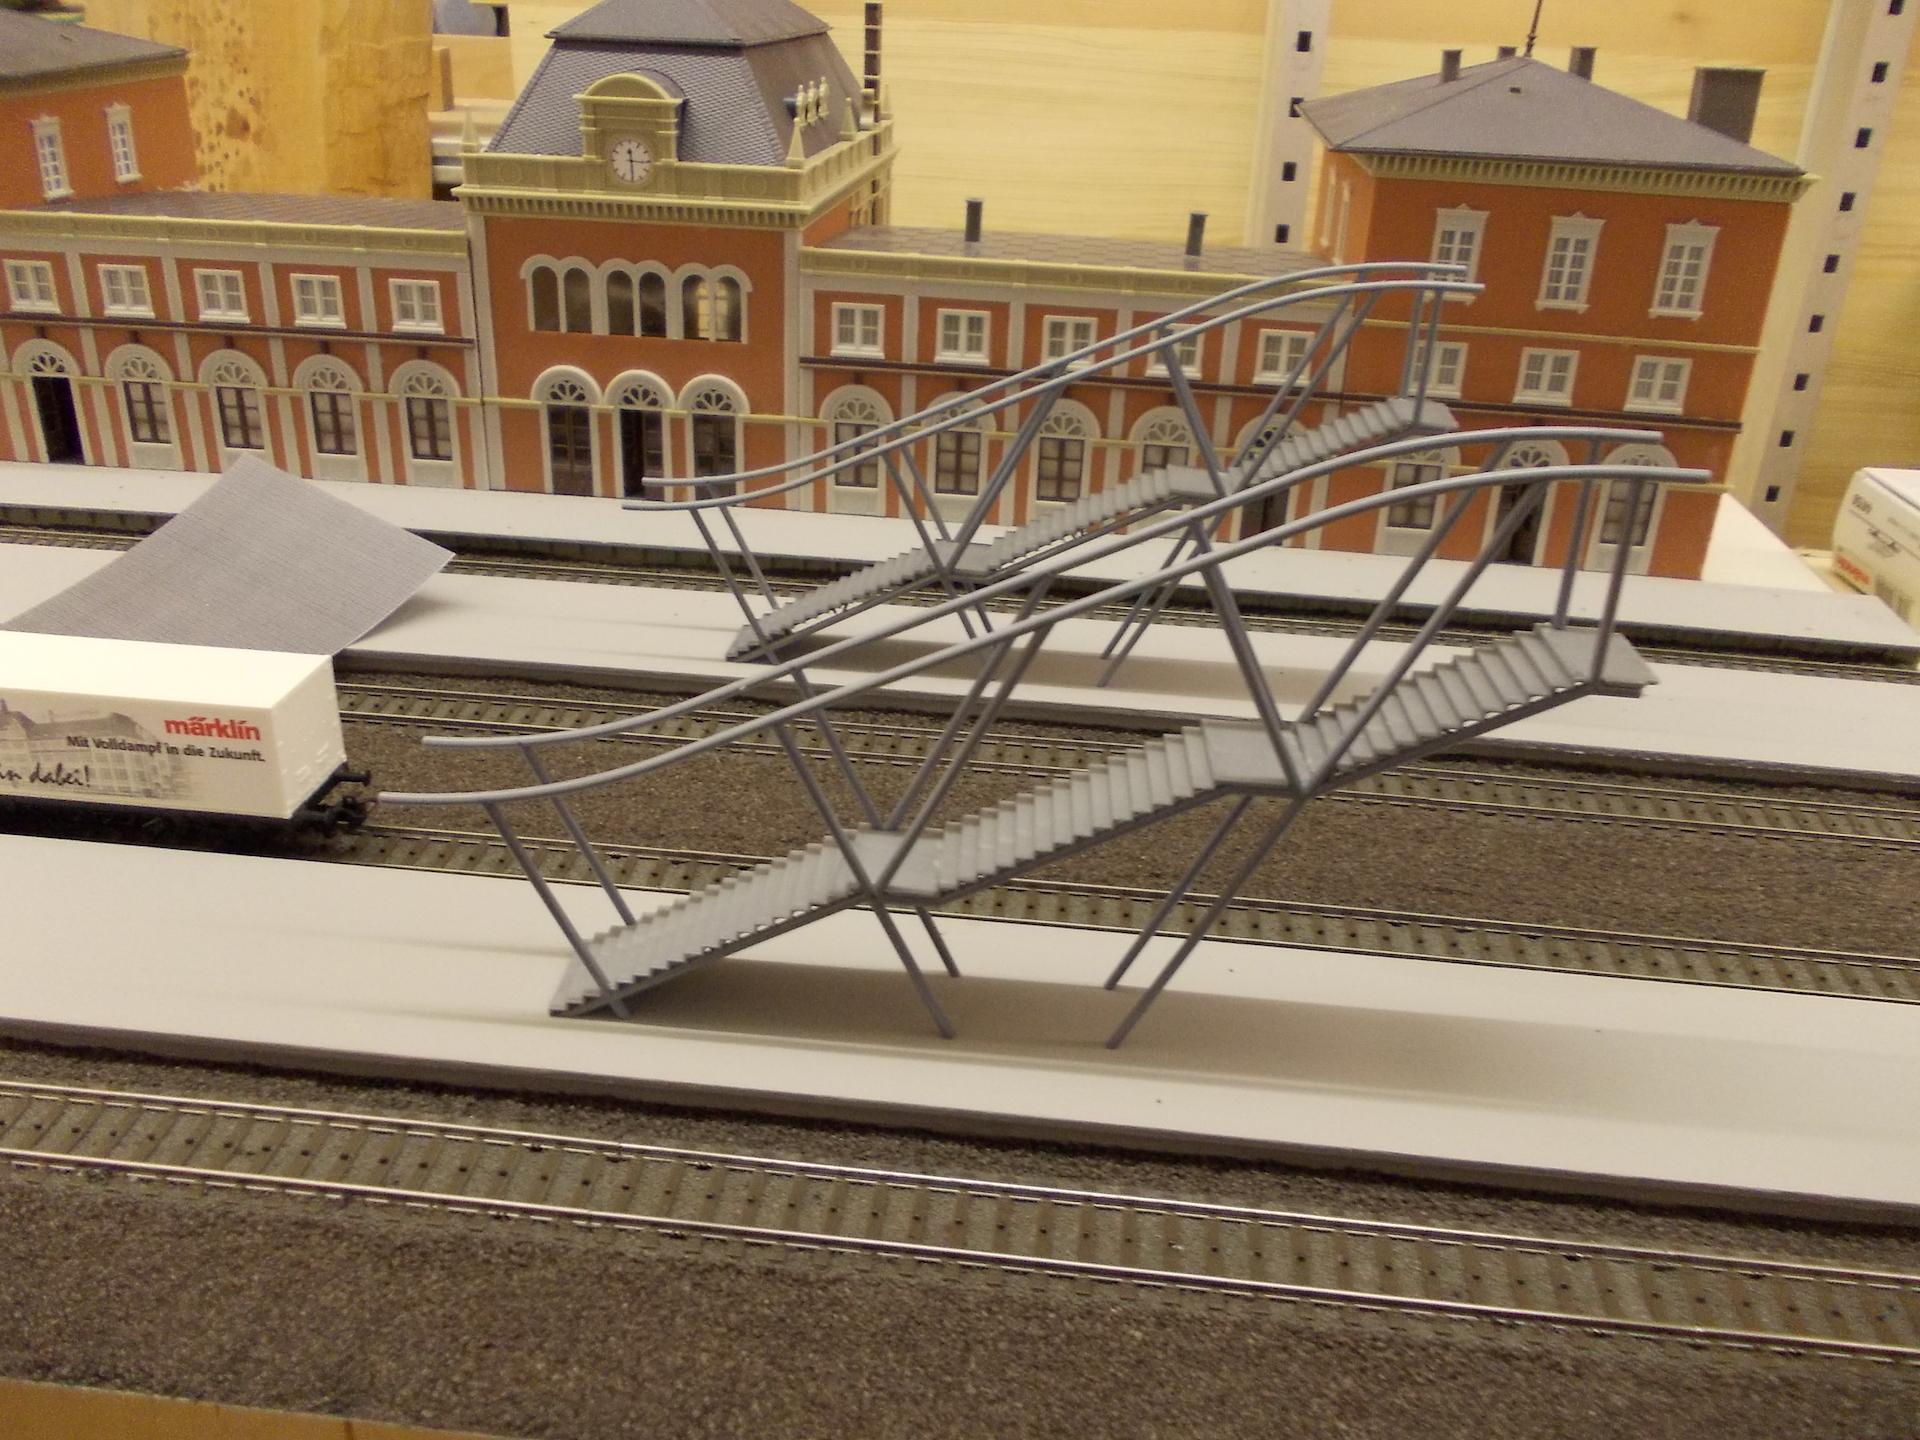 13_01_19_MistHi-Module_Bahnhof_004